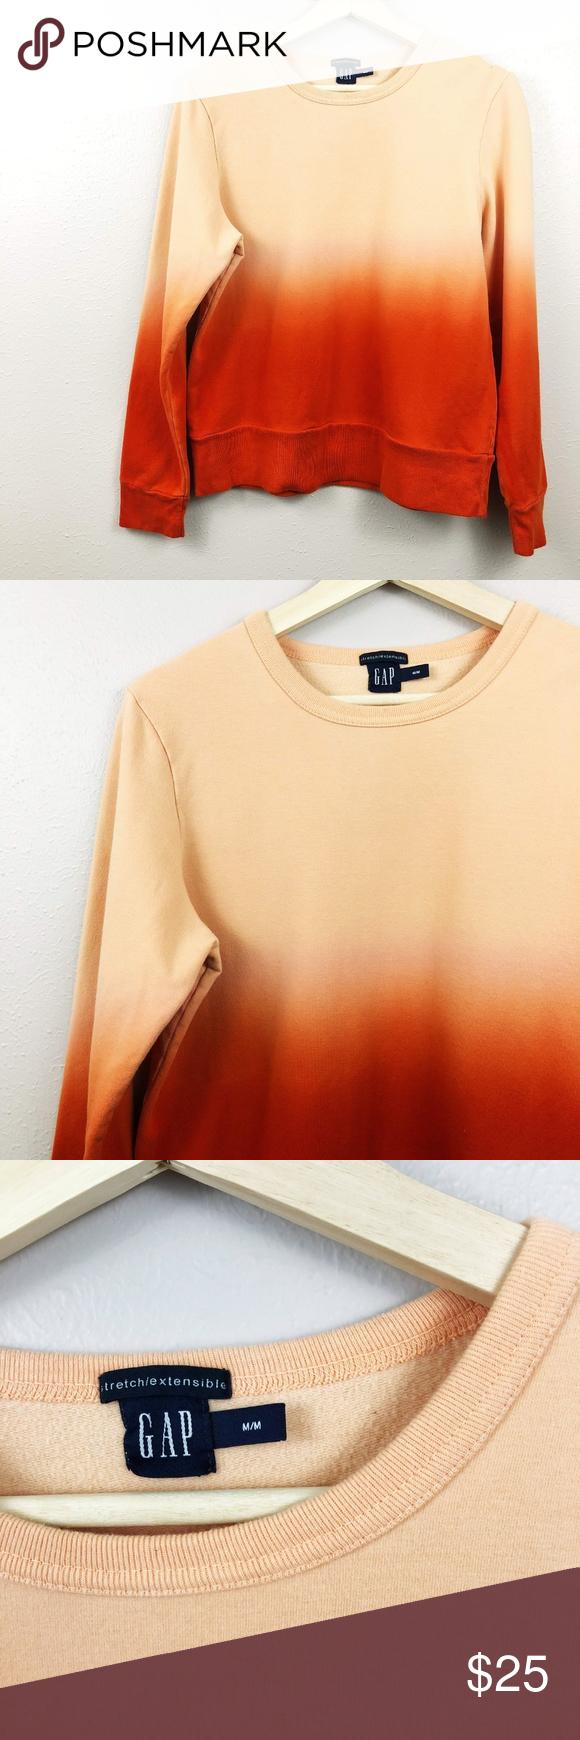 Gap Peach Sorbet Ombre Crewneck Sweatshirt Pullover Styling Crew Neck Sweatshirt Sweatshirts [ 1740 x 580 Pixel ]